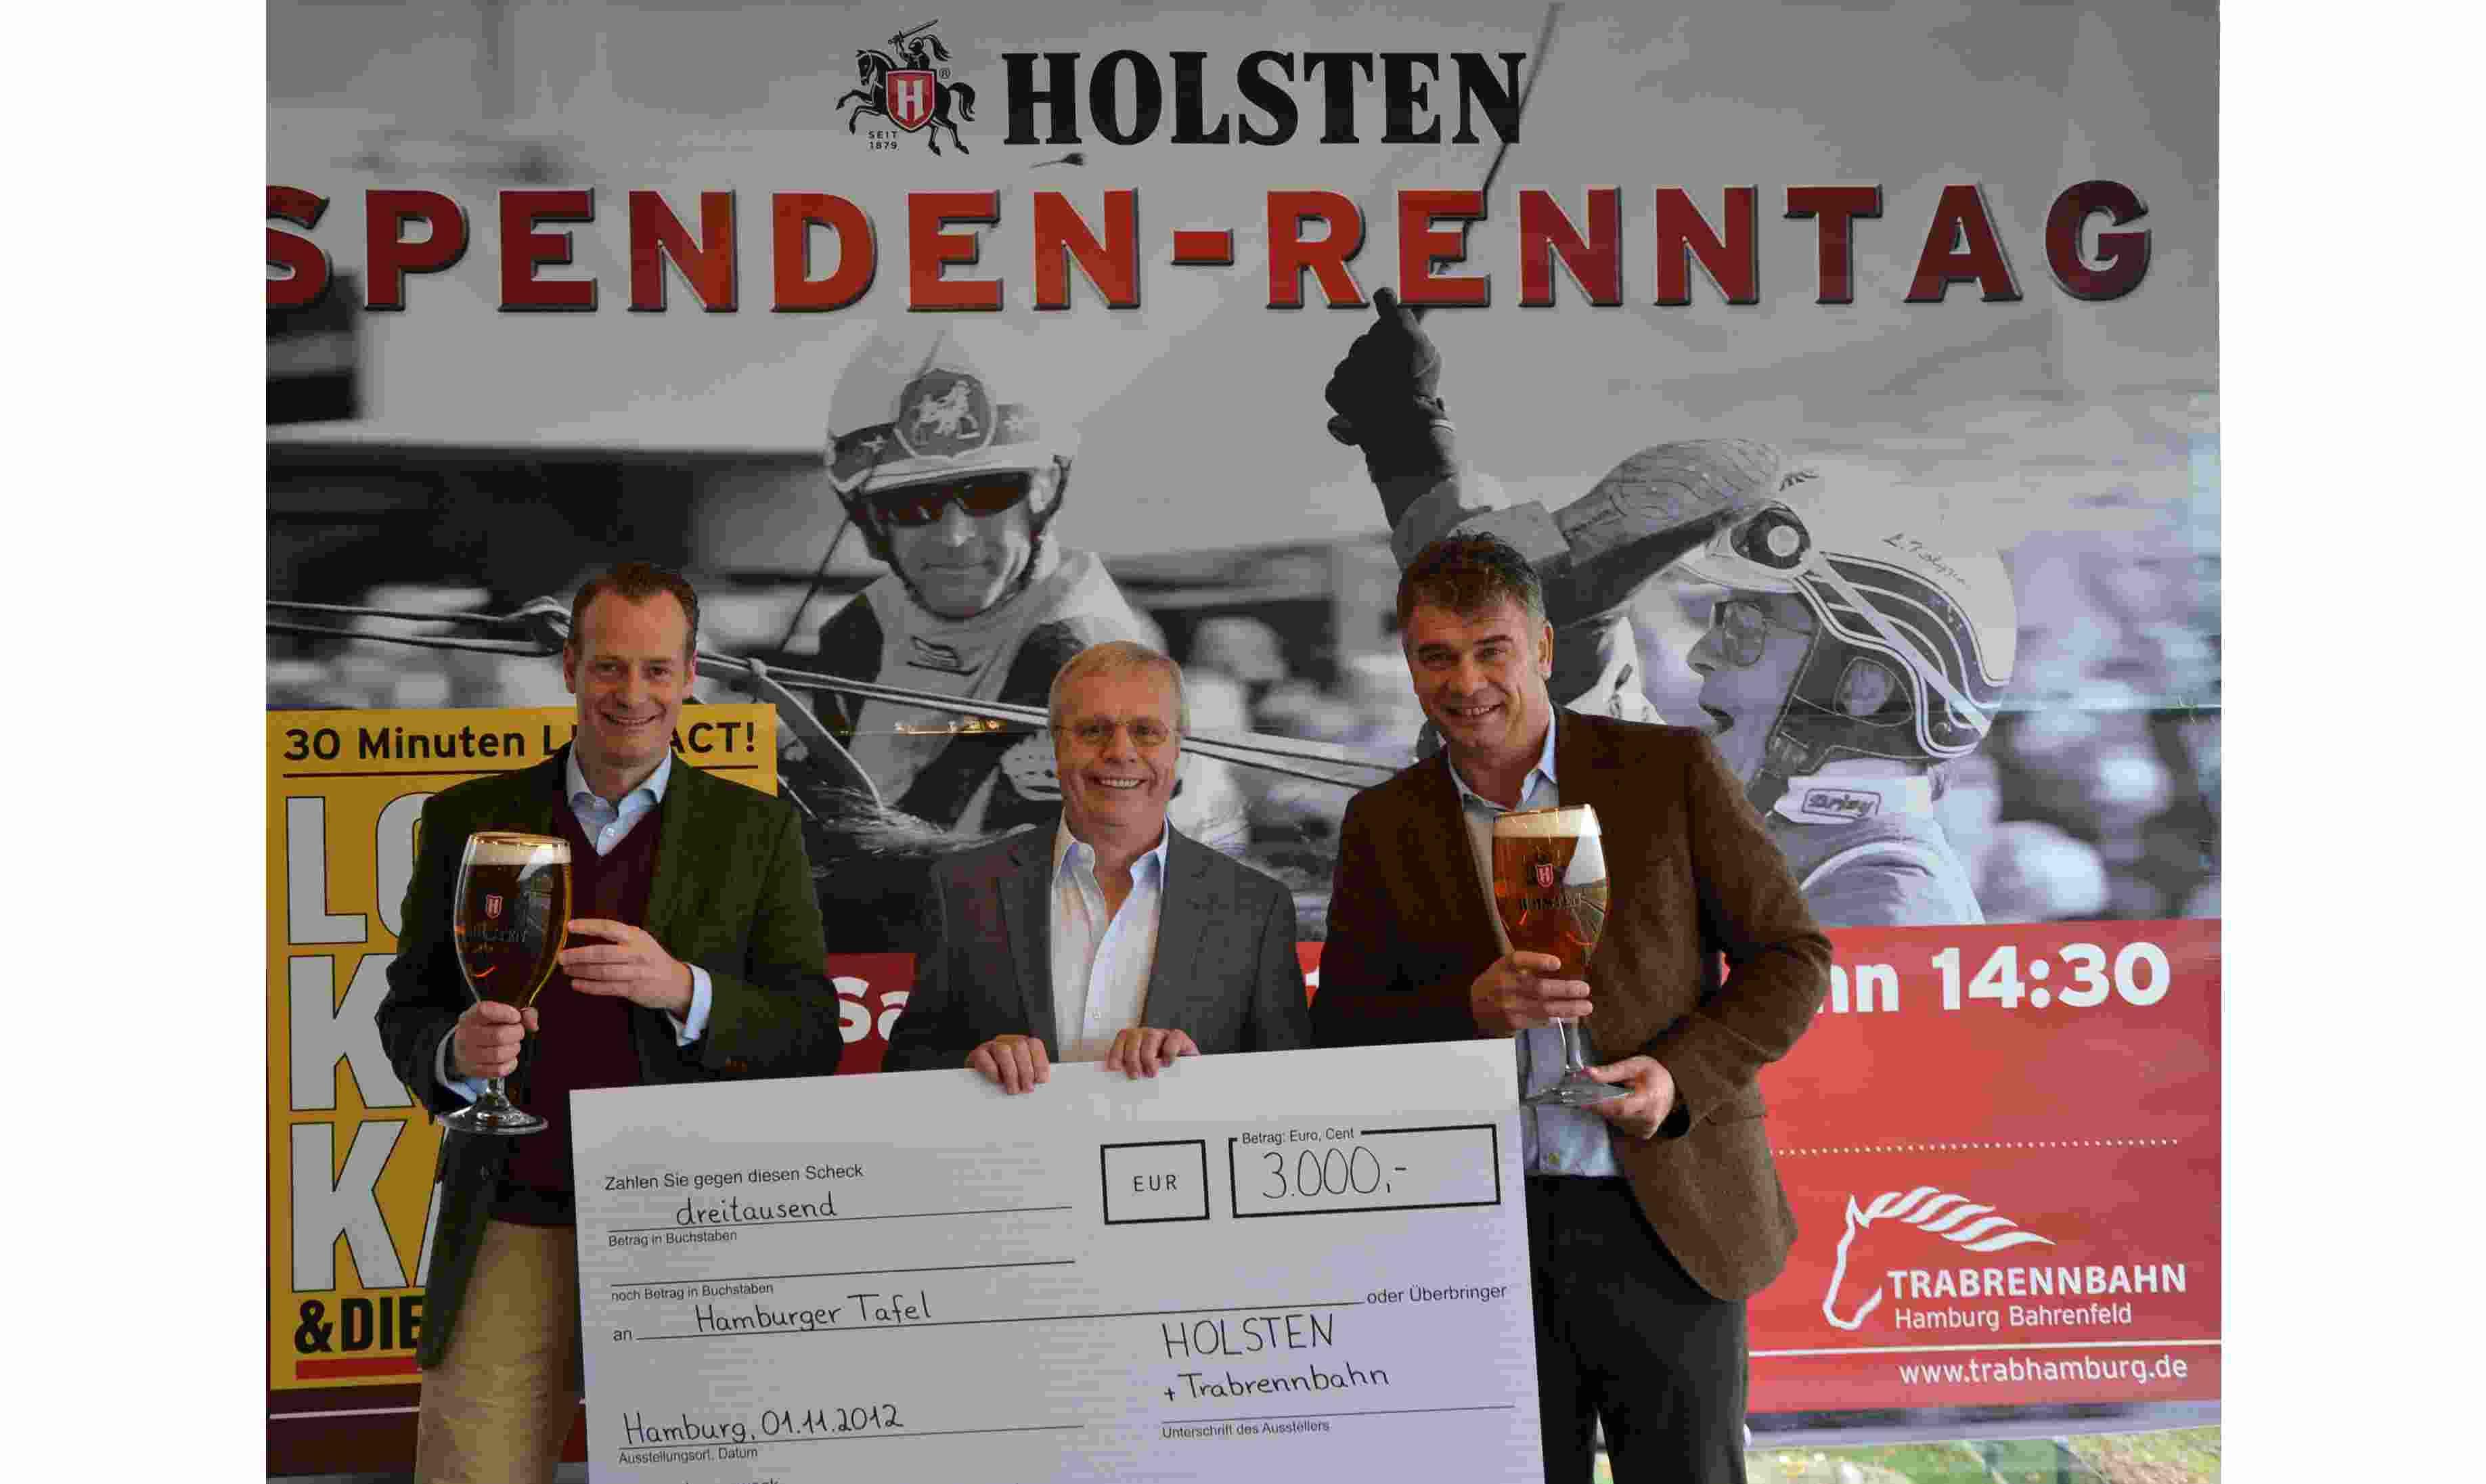 von links nach rechts: Dr. Jan Kleeberg, Trabrennbahn Hamburg - Achim Müller, Erster Vorsitzender Hamburger Tafel - Dr. Holger Liekefett, Marketingleiter Holsten